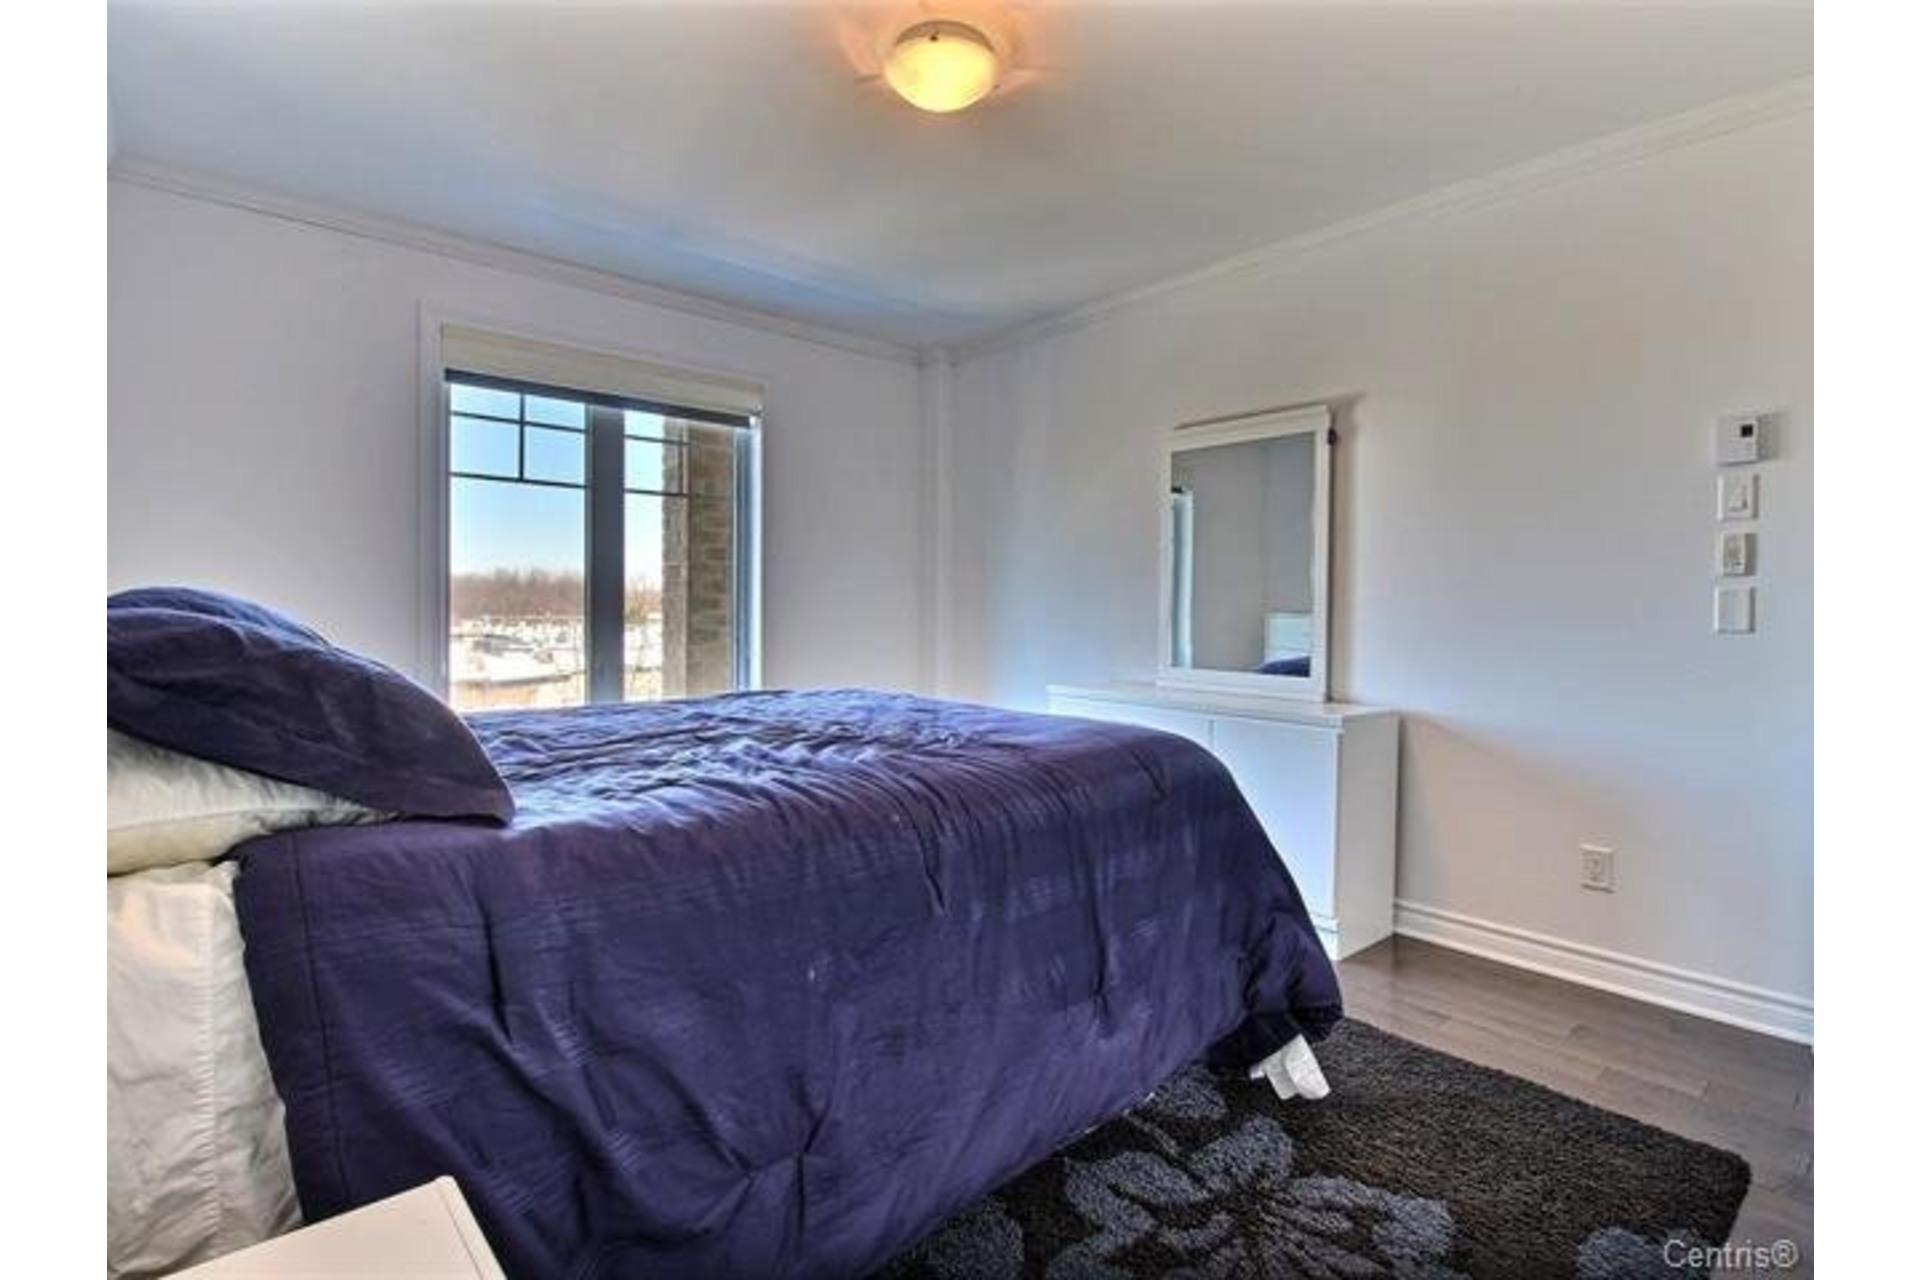 image 9 - Apartment For sale Montréal Pierrefonds-Roxboro  - 7 rooms